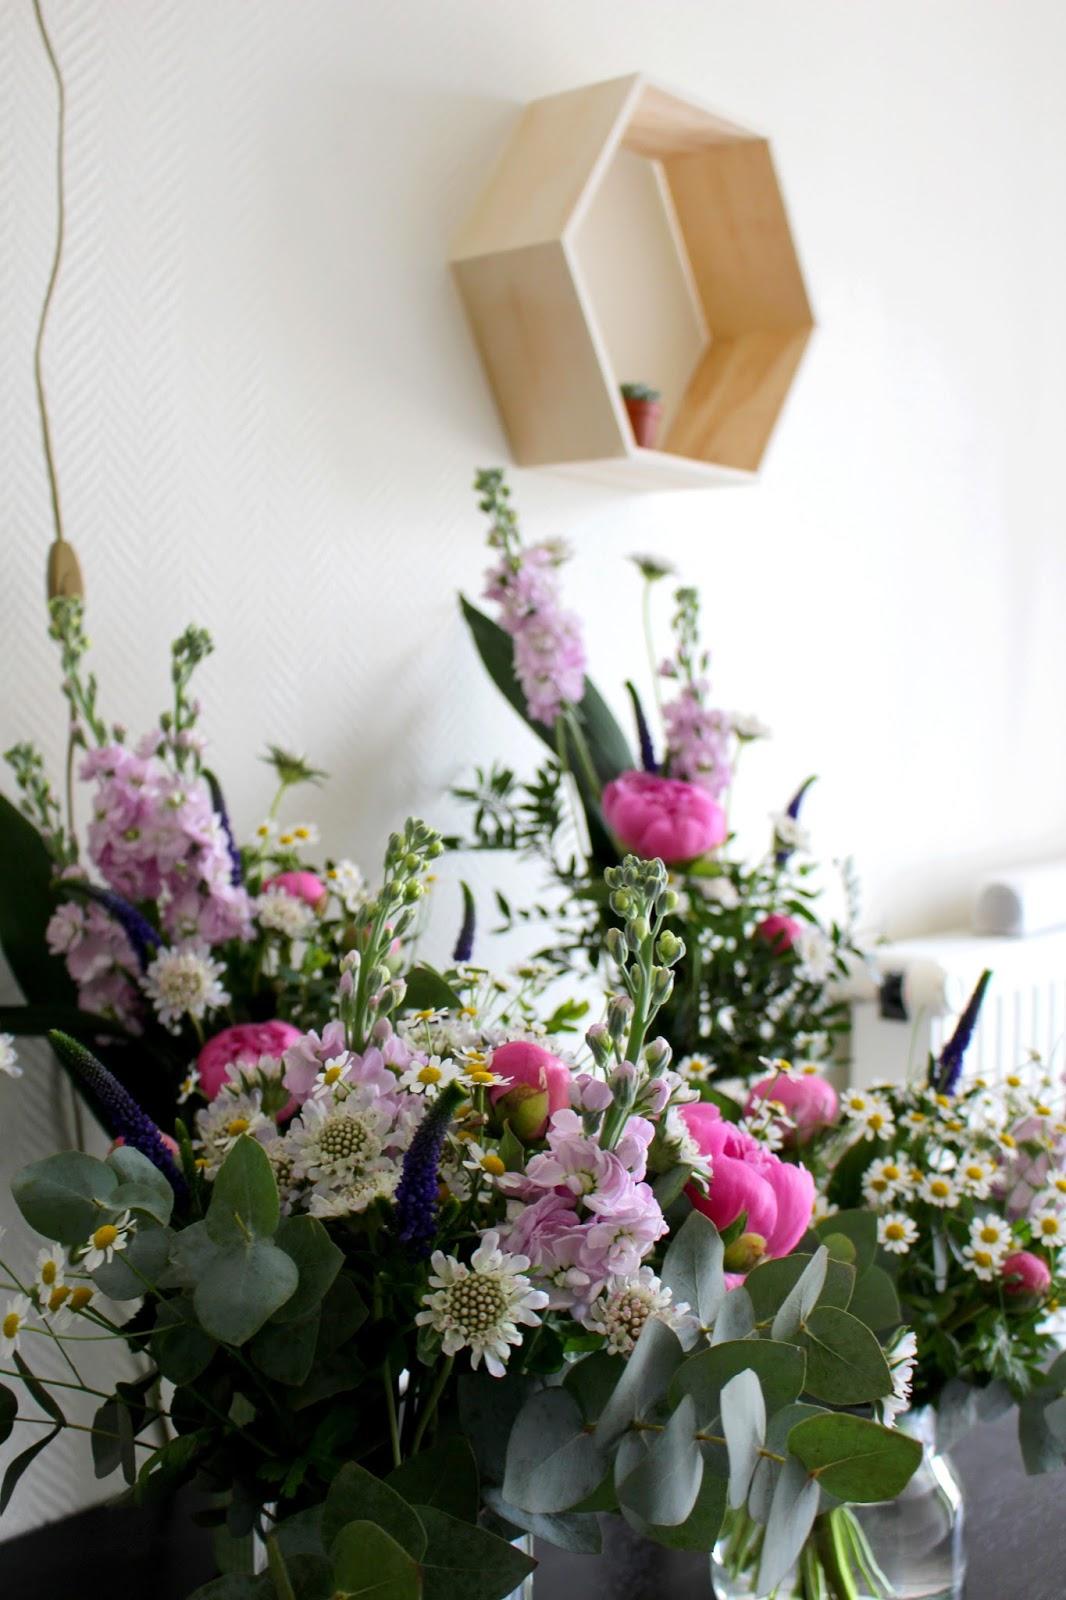 la petite boutique de fleurs fleuriste mariage lyon mai 2016. Black Bedroom Furniture Sets. Home Design Ideas